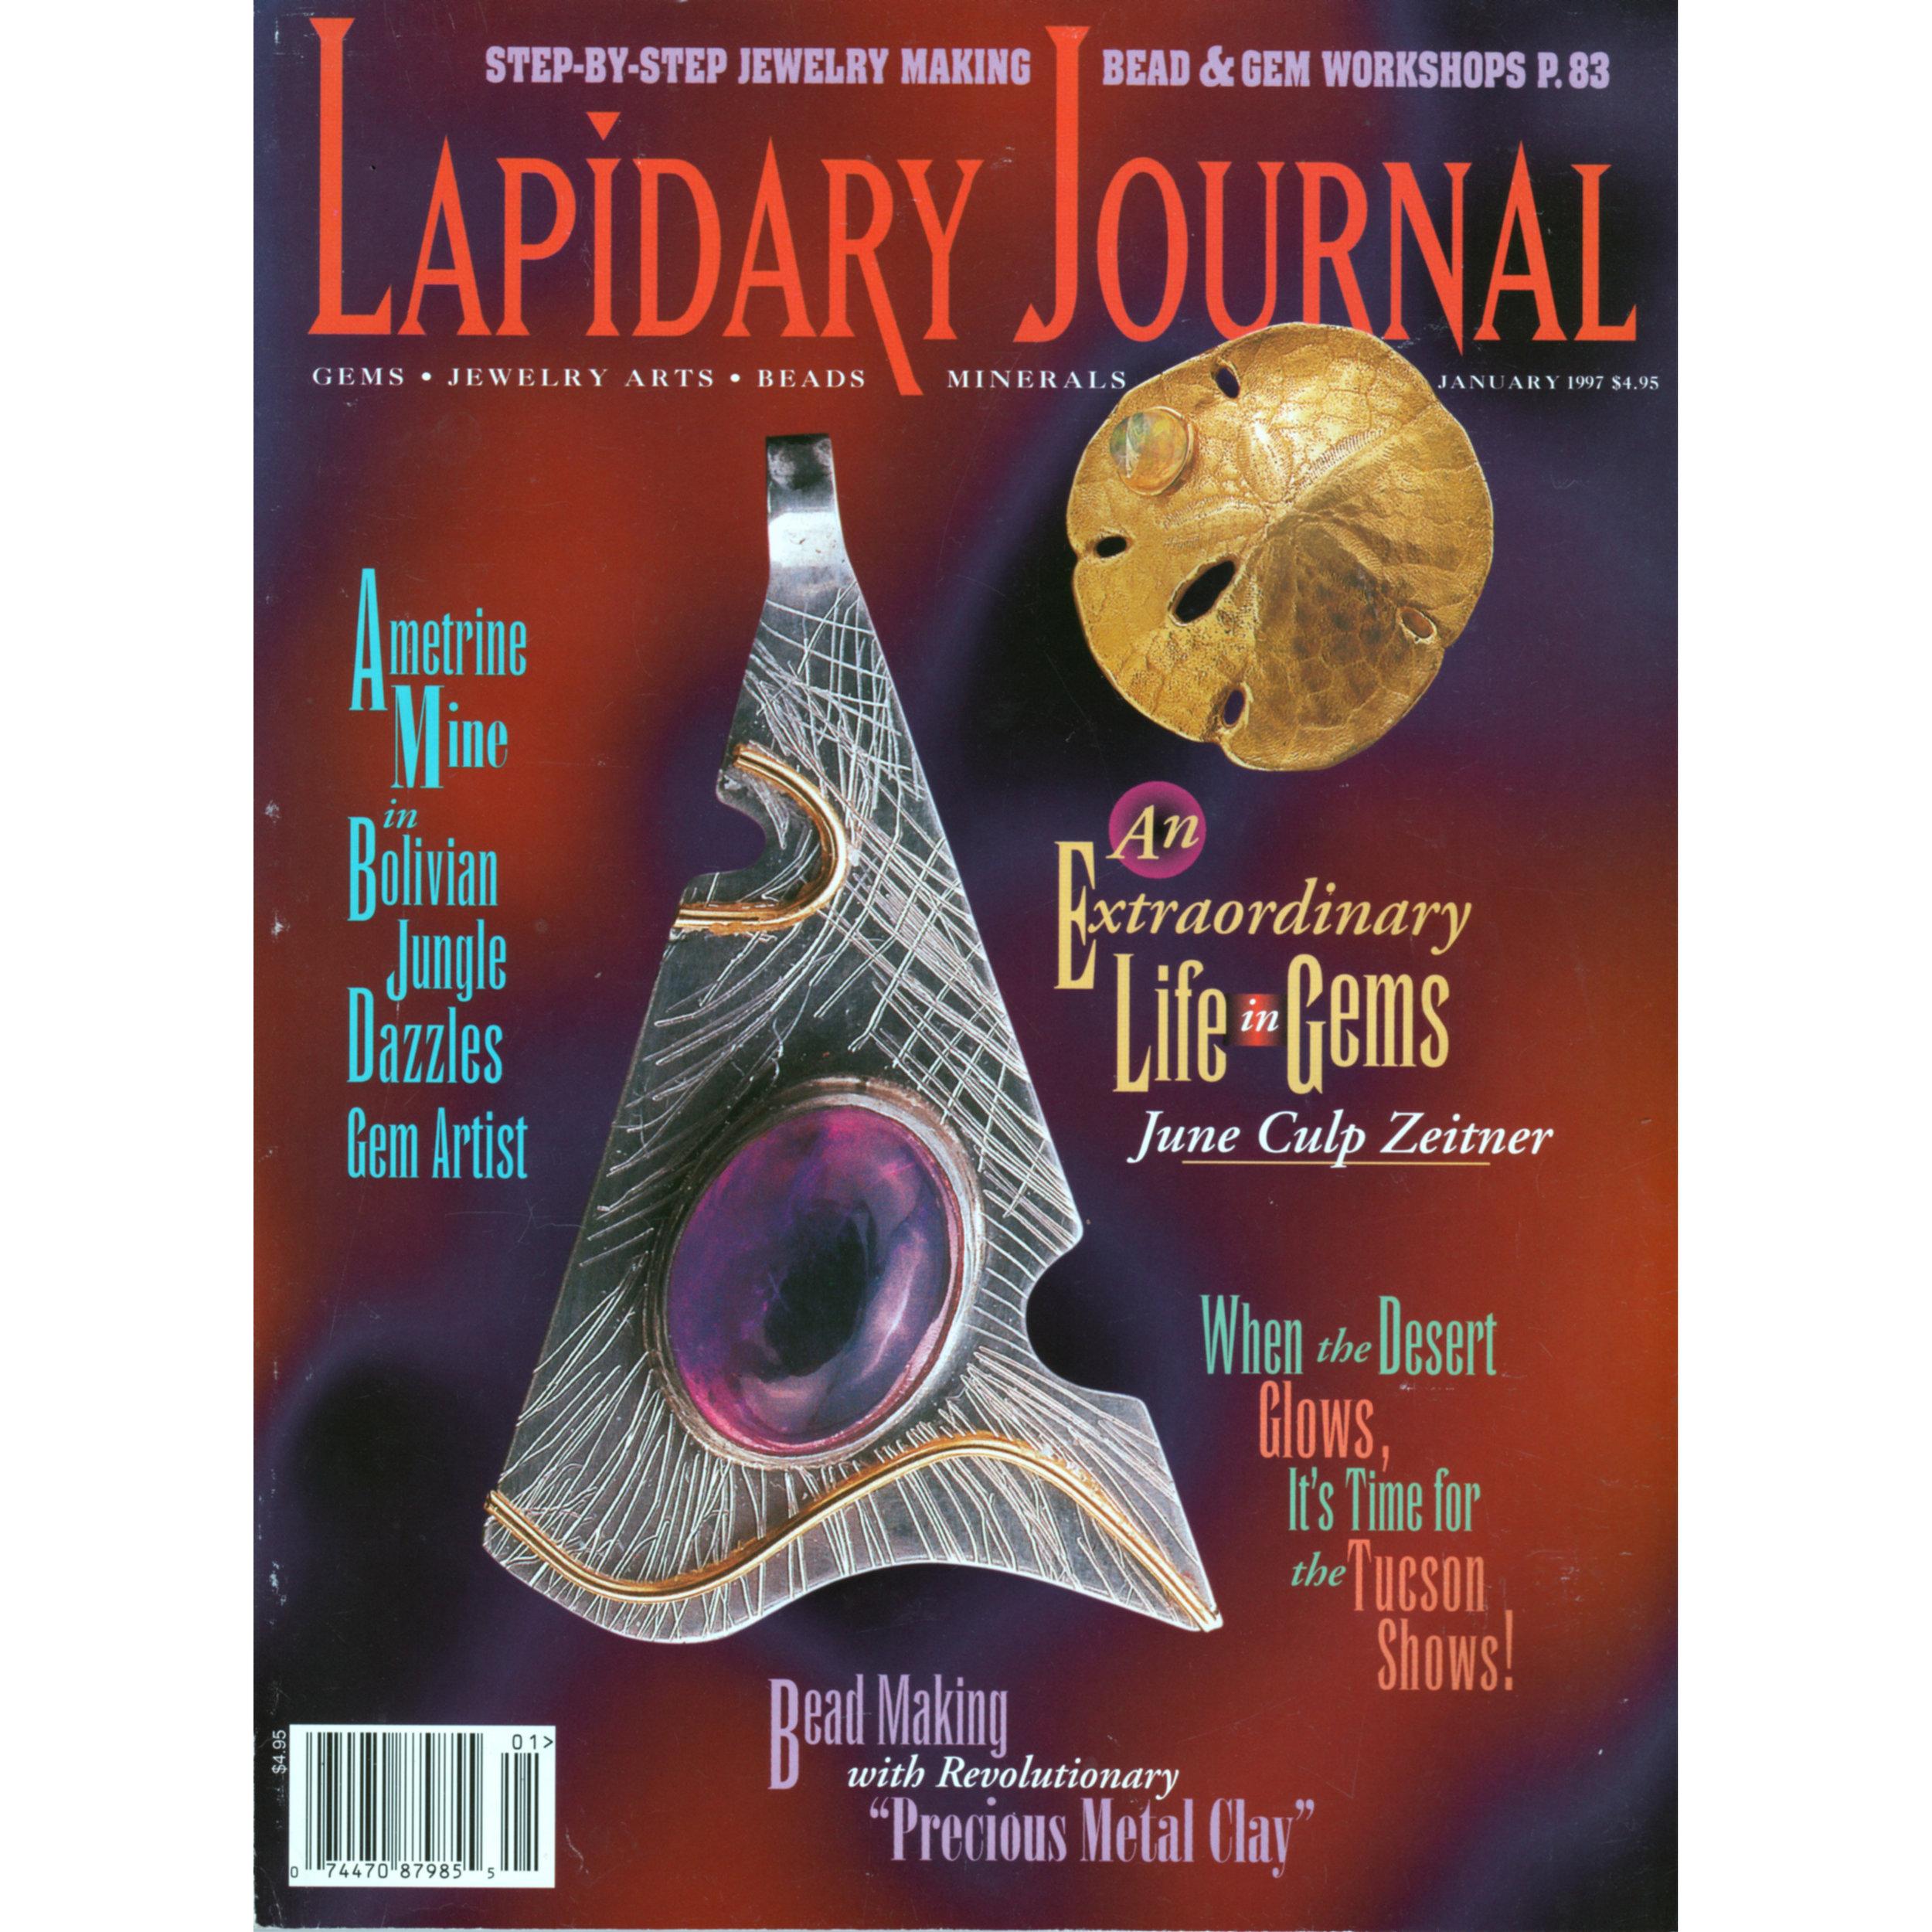 Lapidary Journal - January 1997